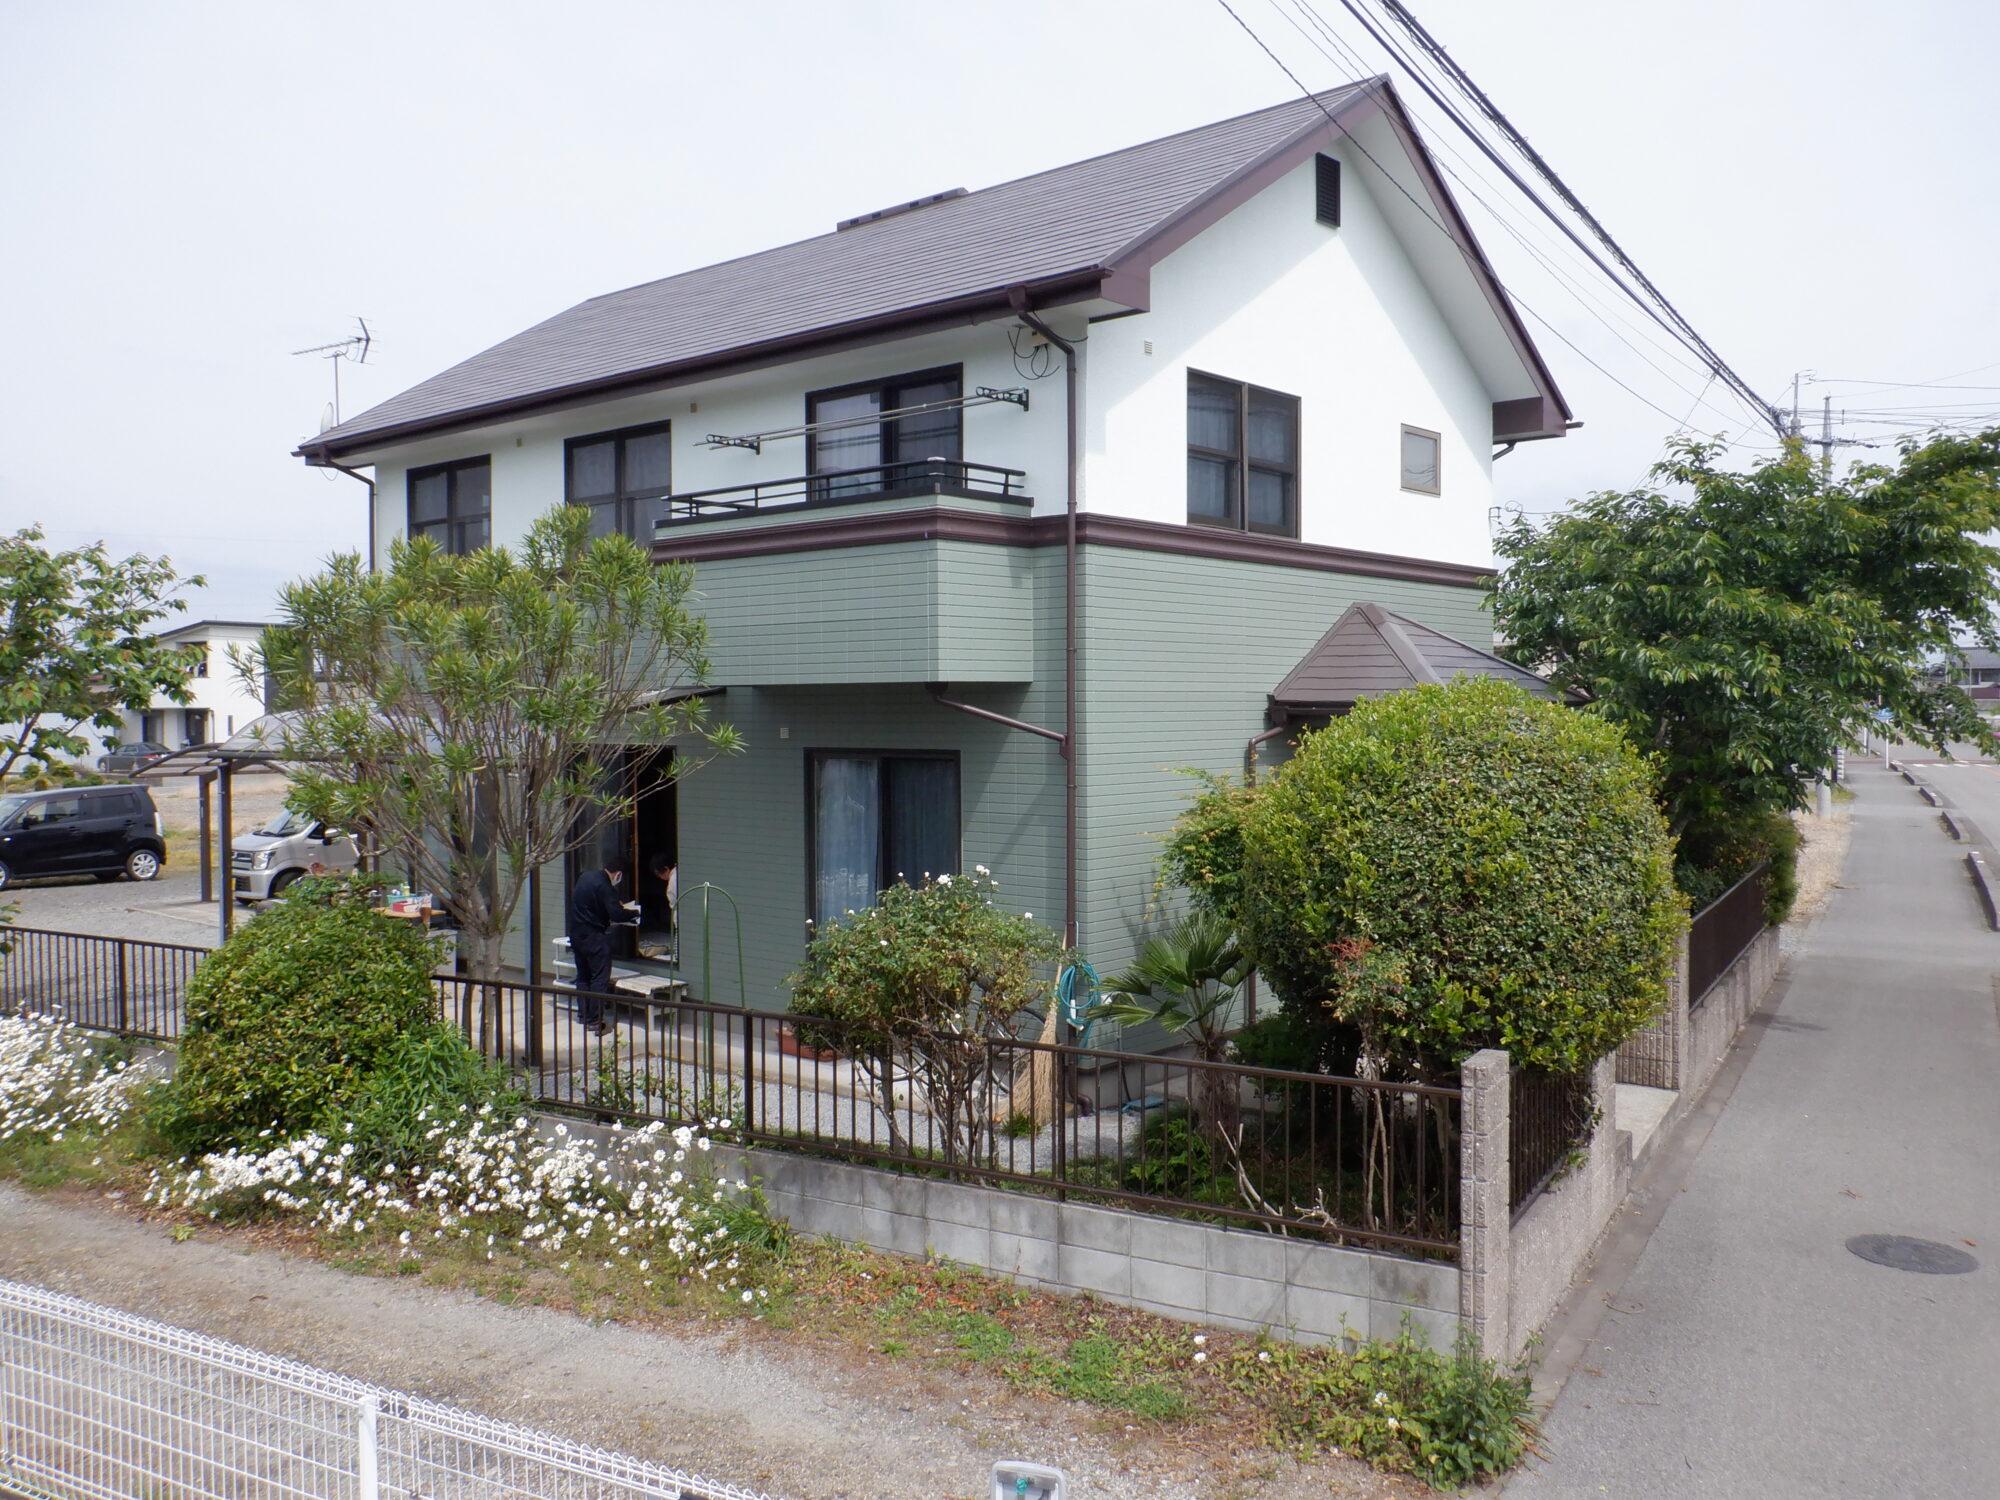 【高根沢町】A様邸 屋根外壁塗装工事